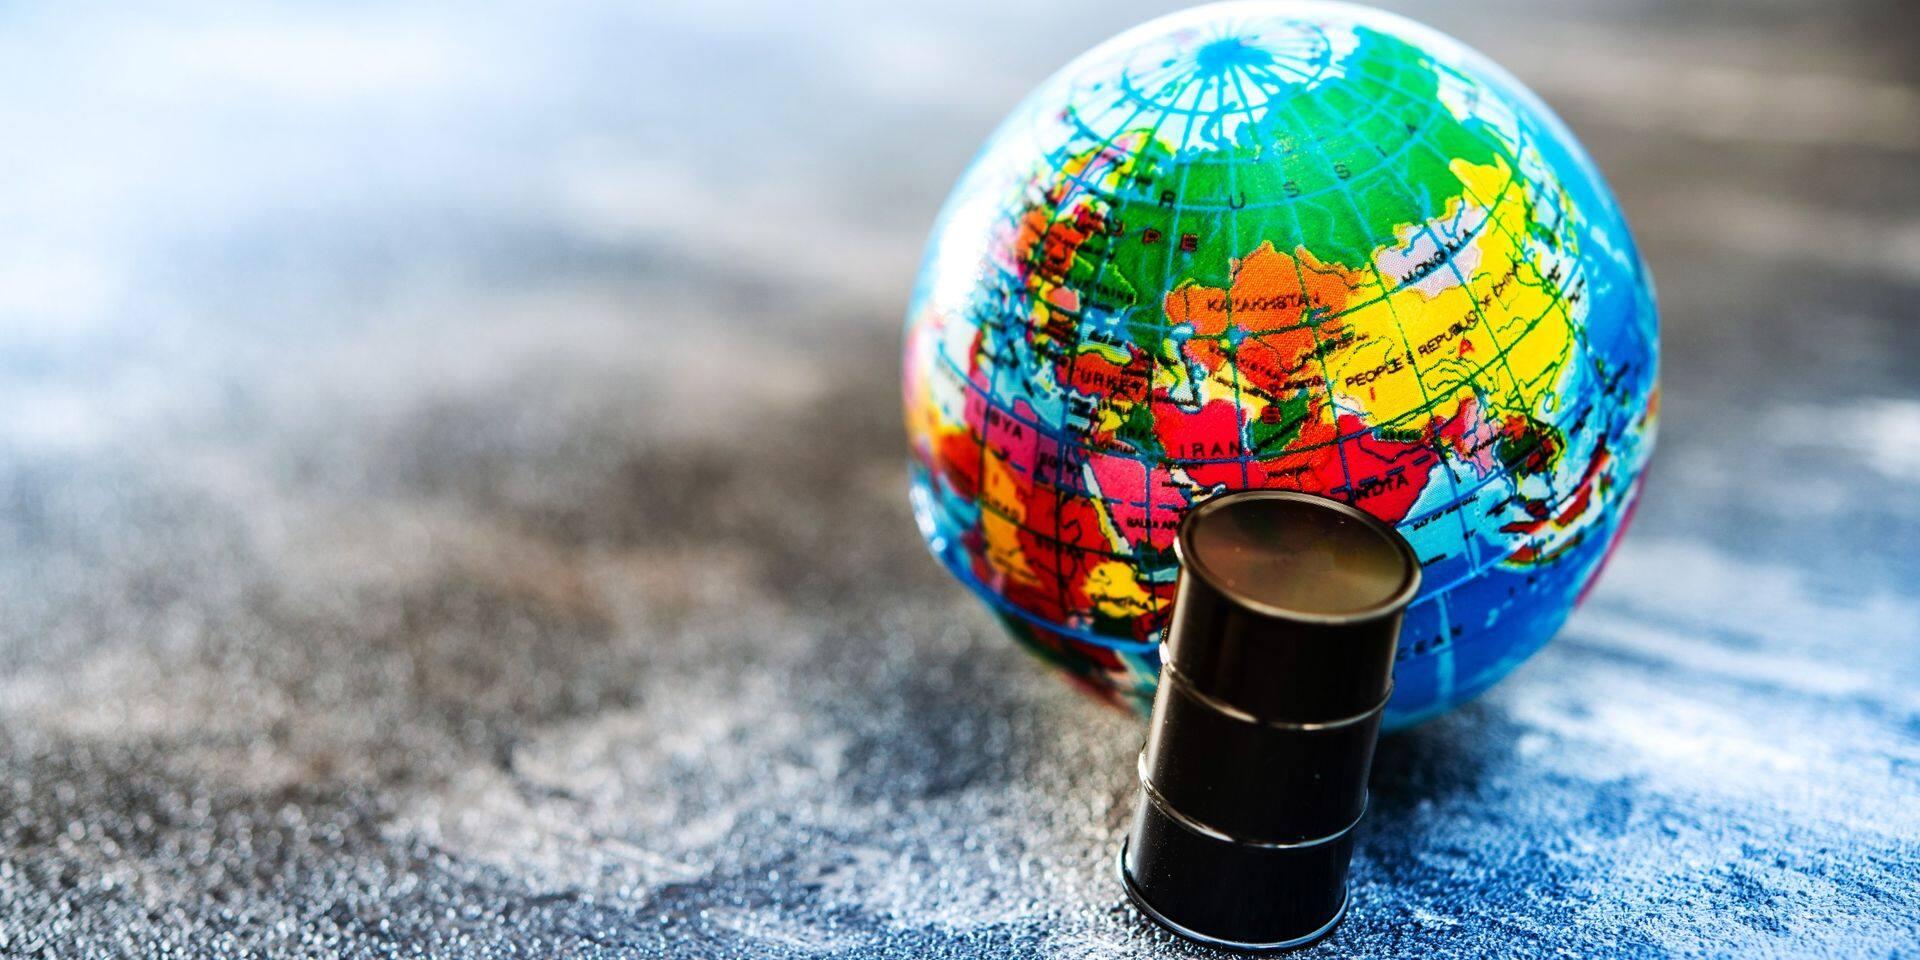 L'Opep+, alliance scellée fin 2016 entre les treize pays de l'Organisation des pays exportateurs de pétrole (Opep) et dix alliés, se réunit à 11H00 GMT (13H00 à Bruxelles).